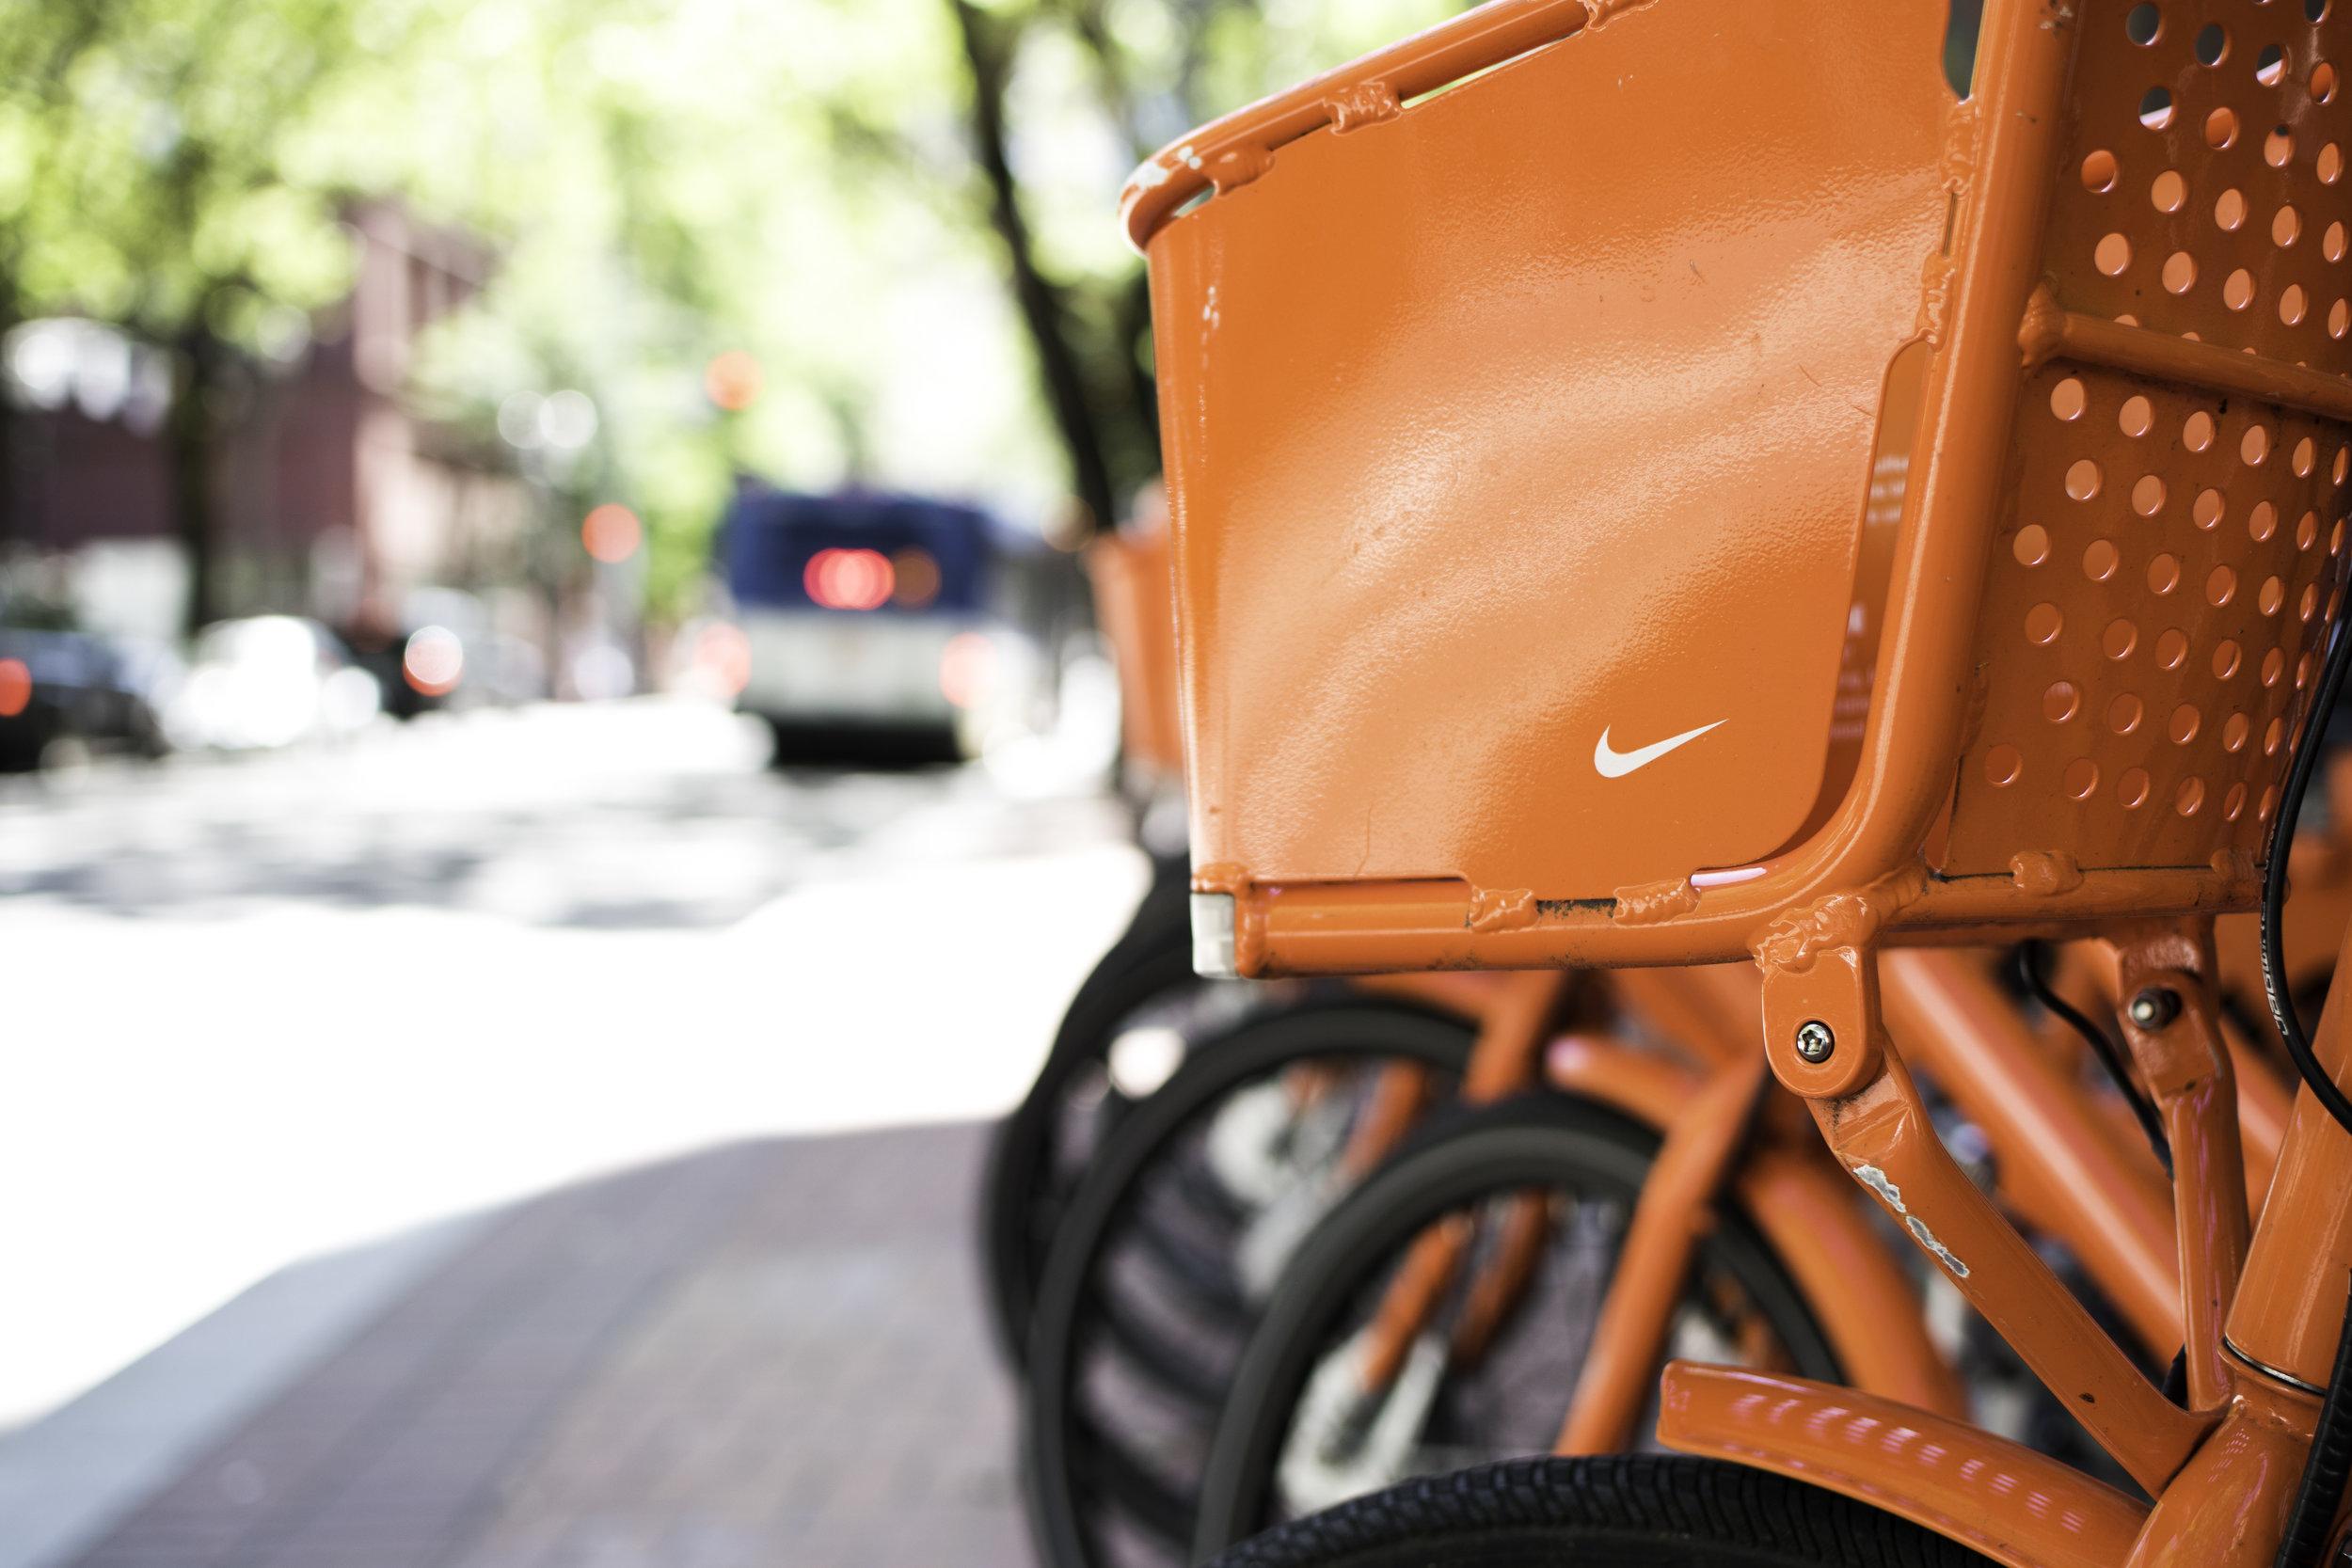 nike bikes.jpg